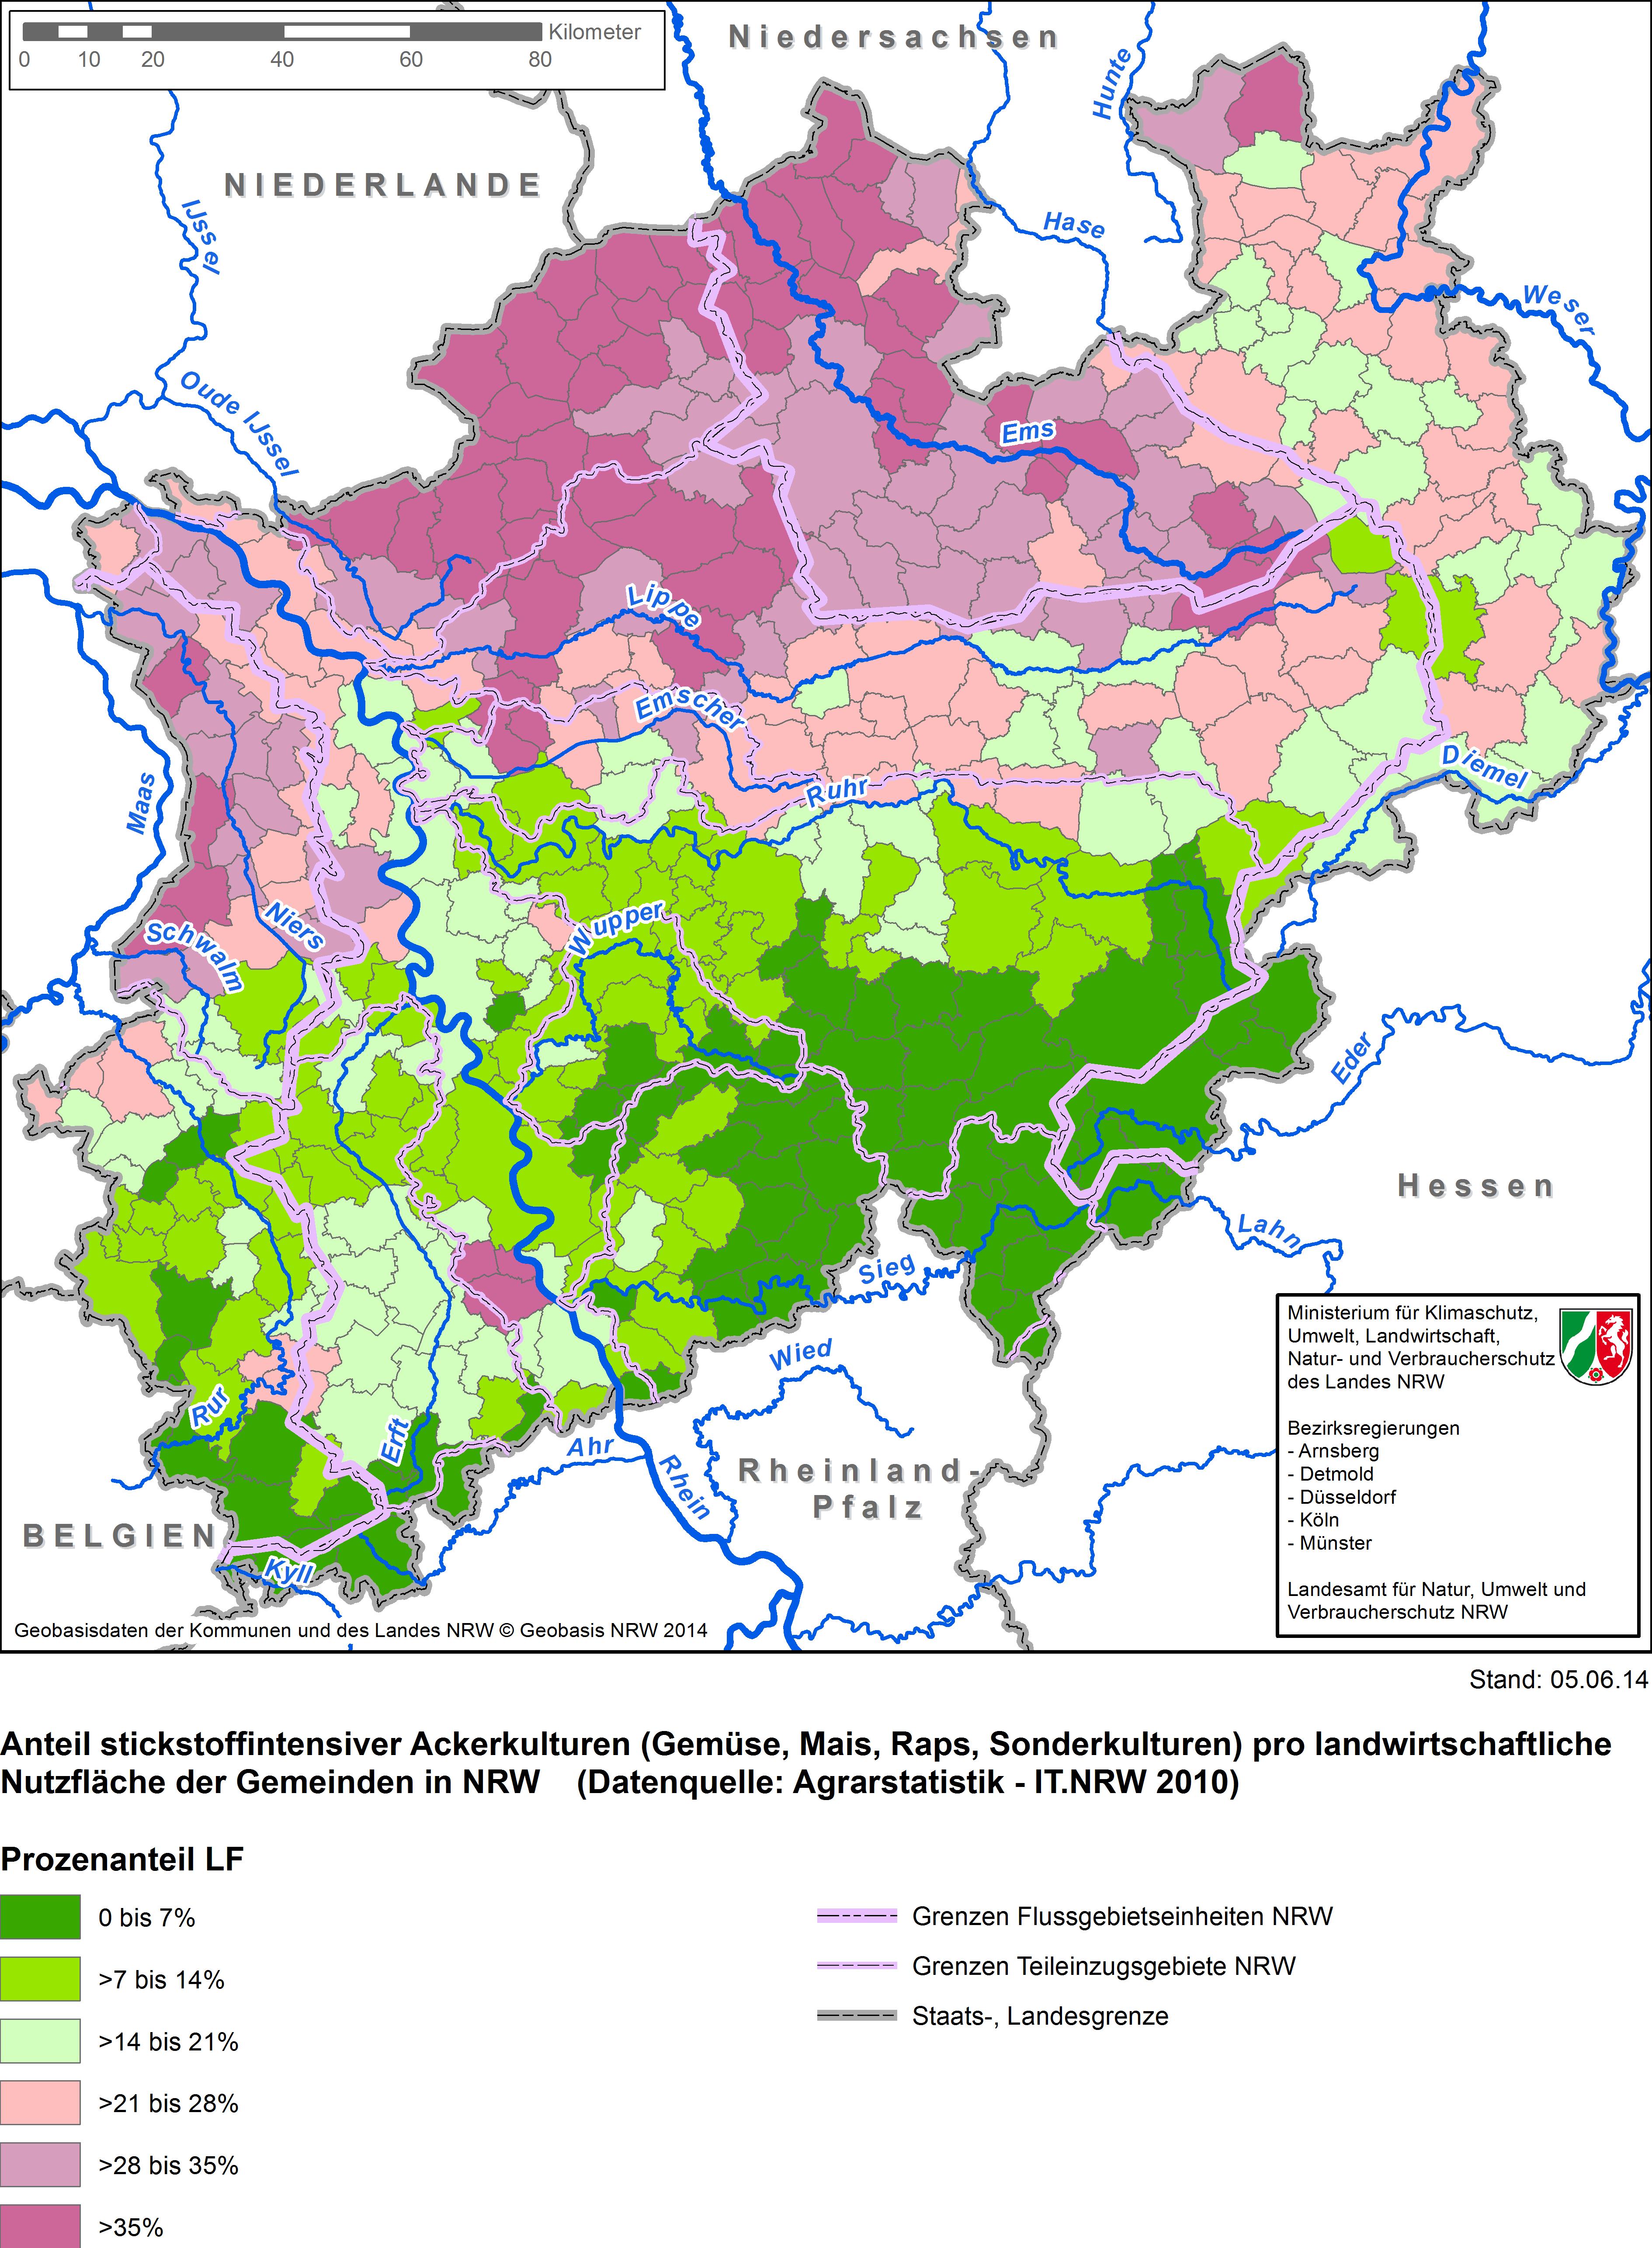 Grundwasserstand Karte Nrw.Grundwasserspiegel Nrw Karte Karte